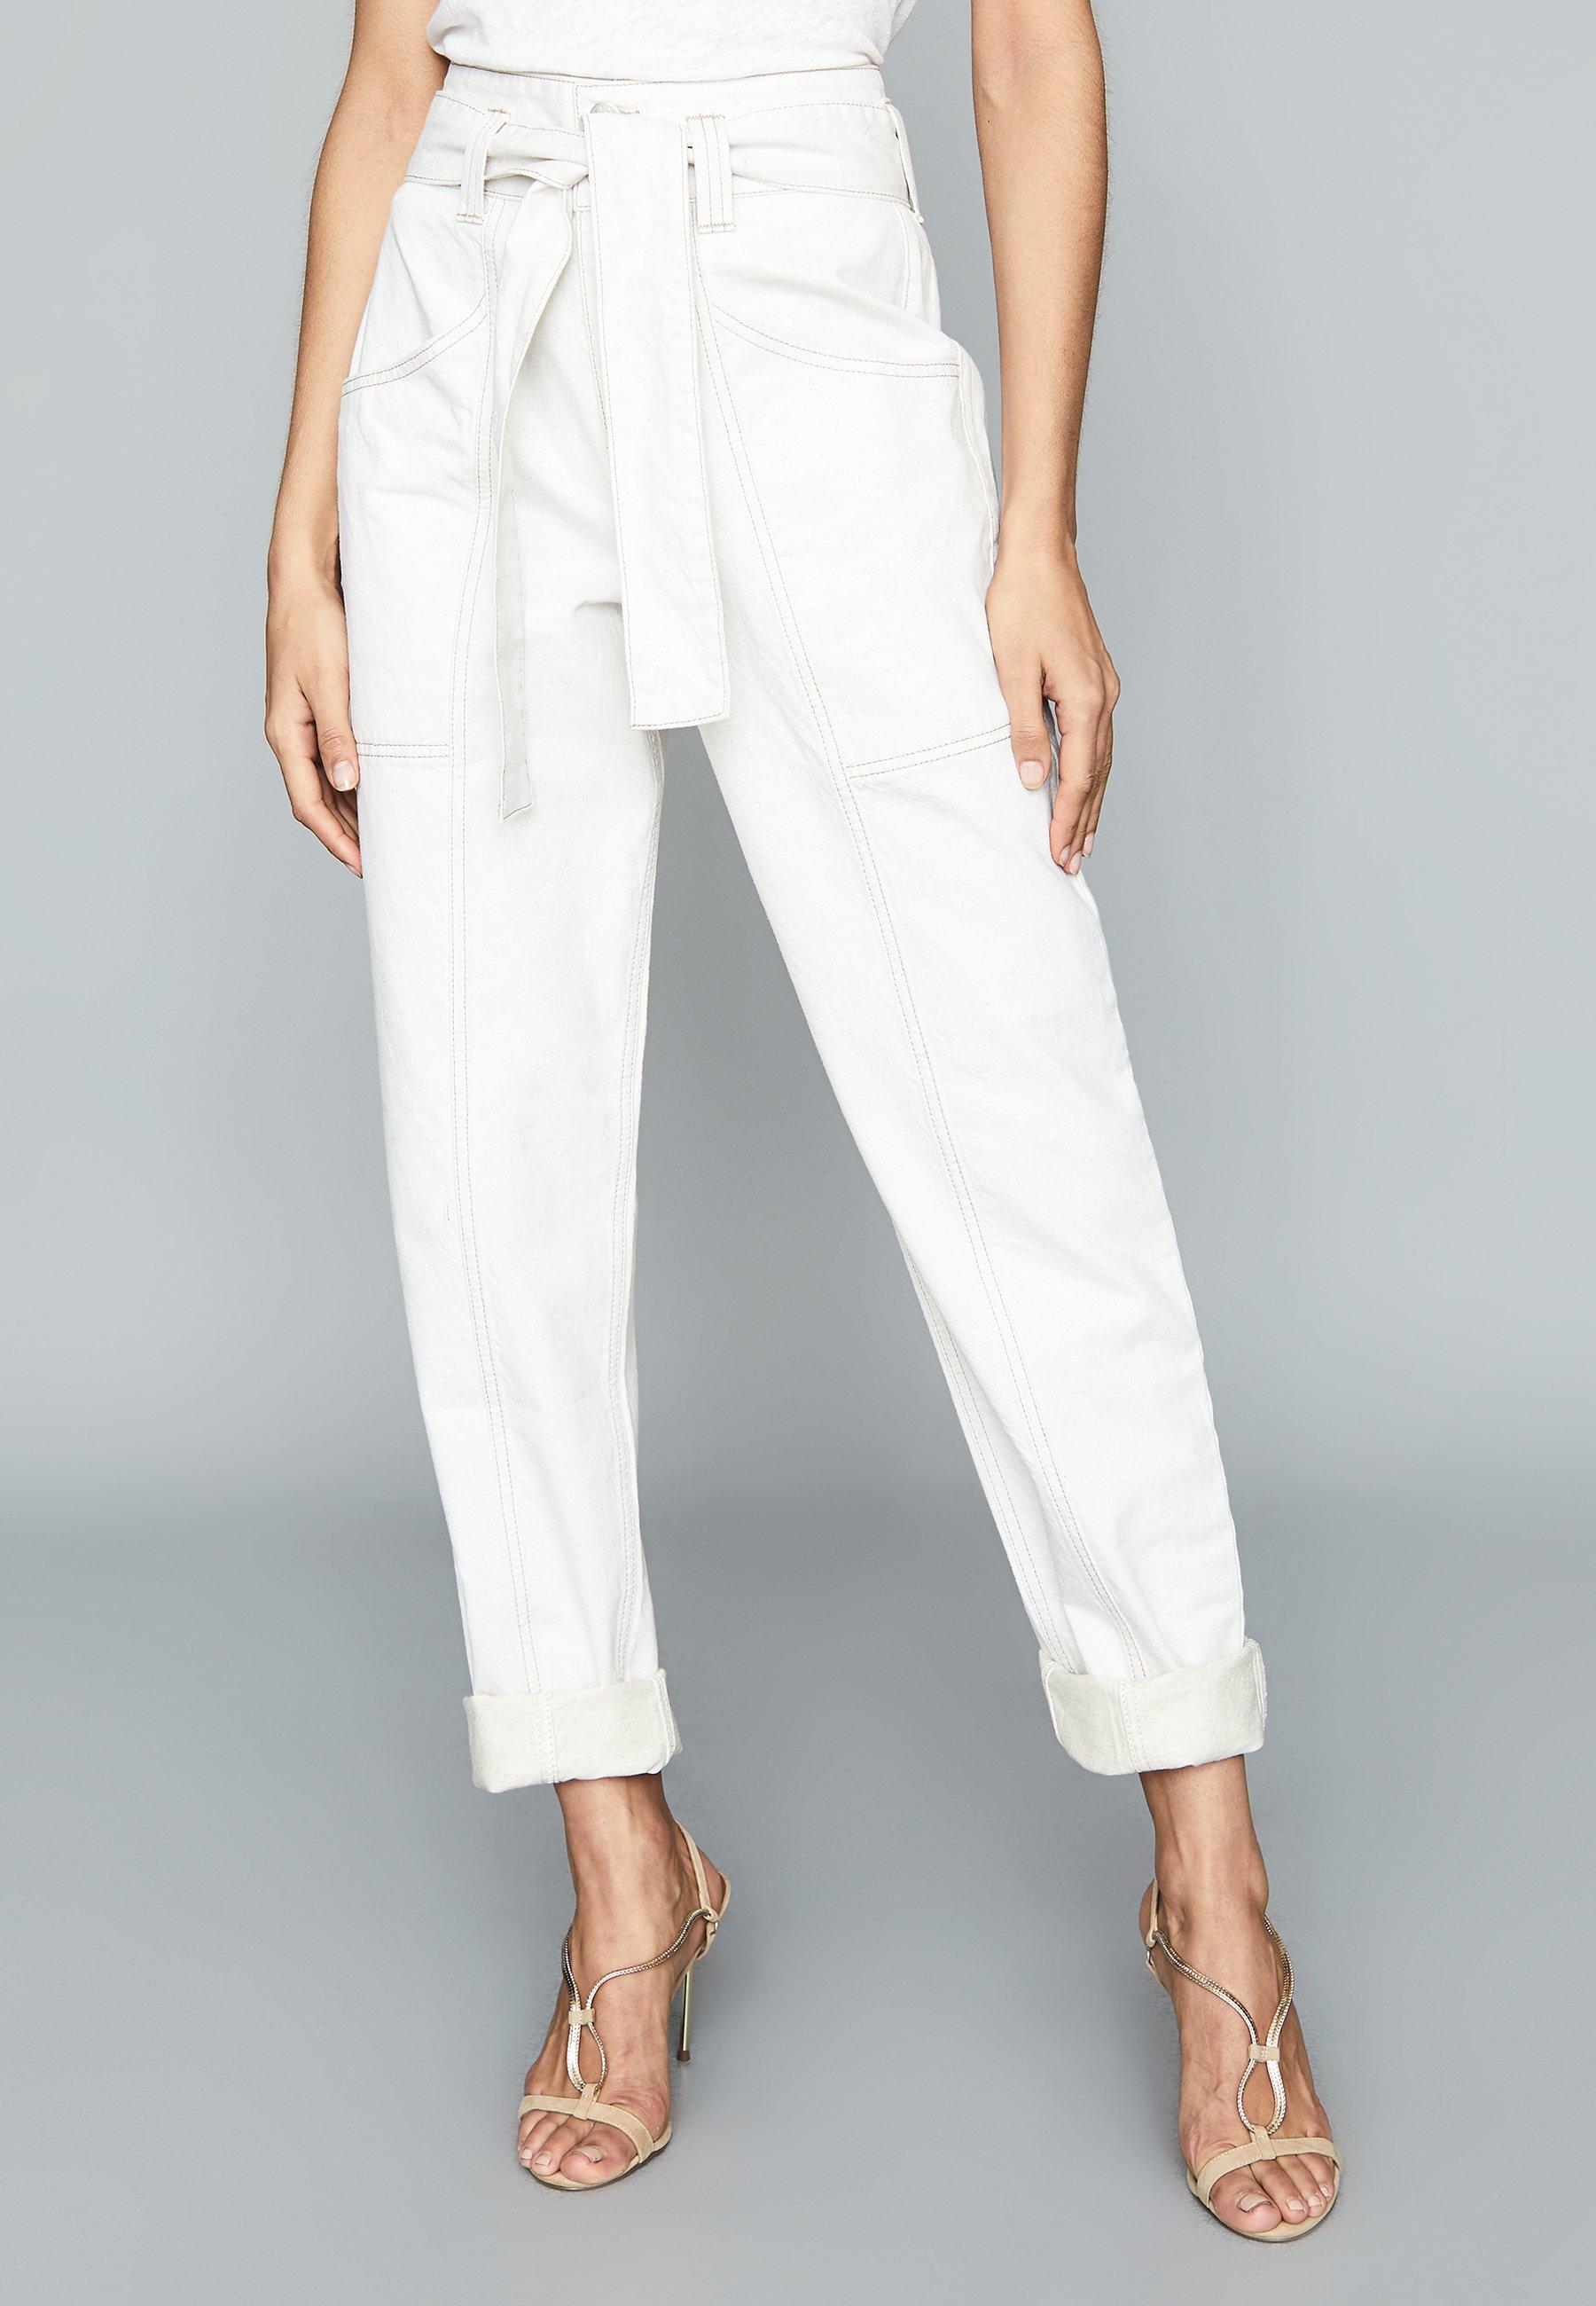 Reiss Dames broeken online kopen | Gratis verzending | ZALANDO